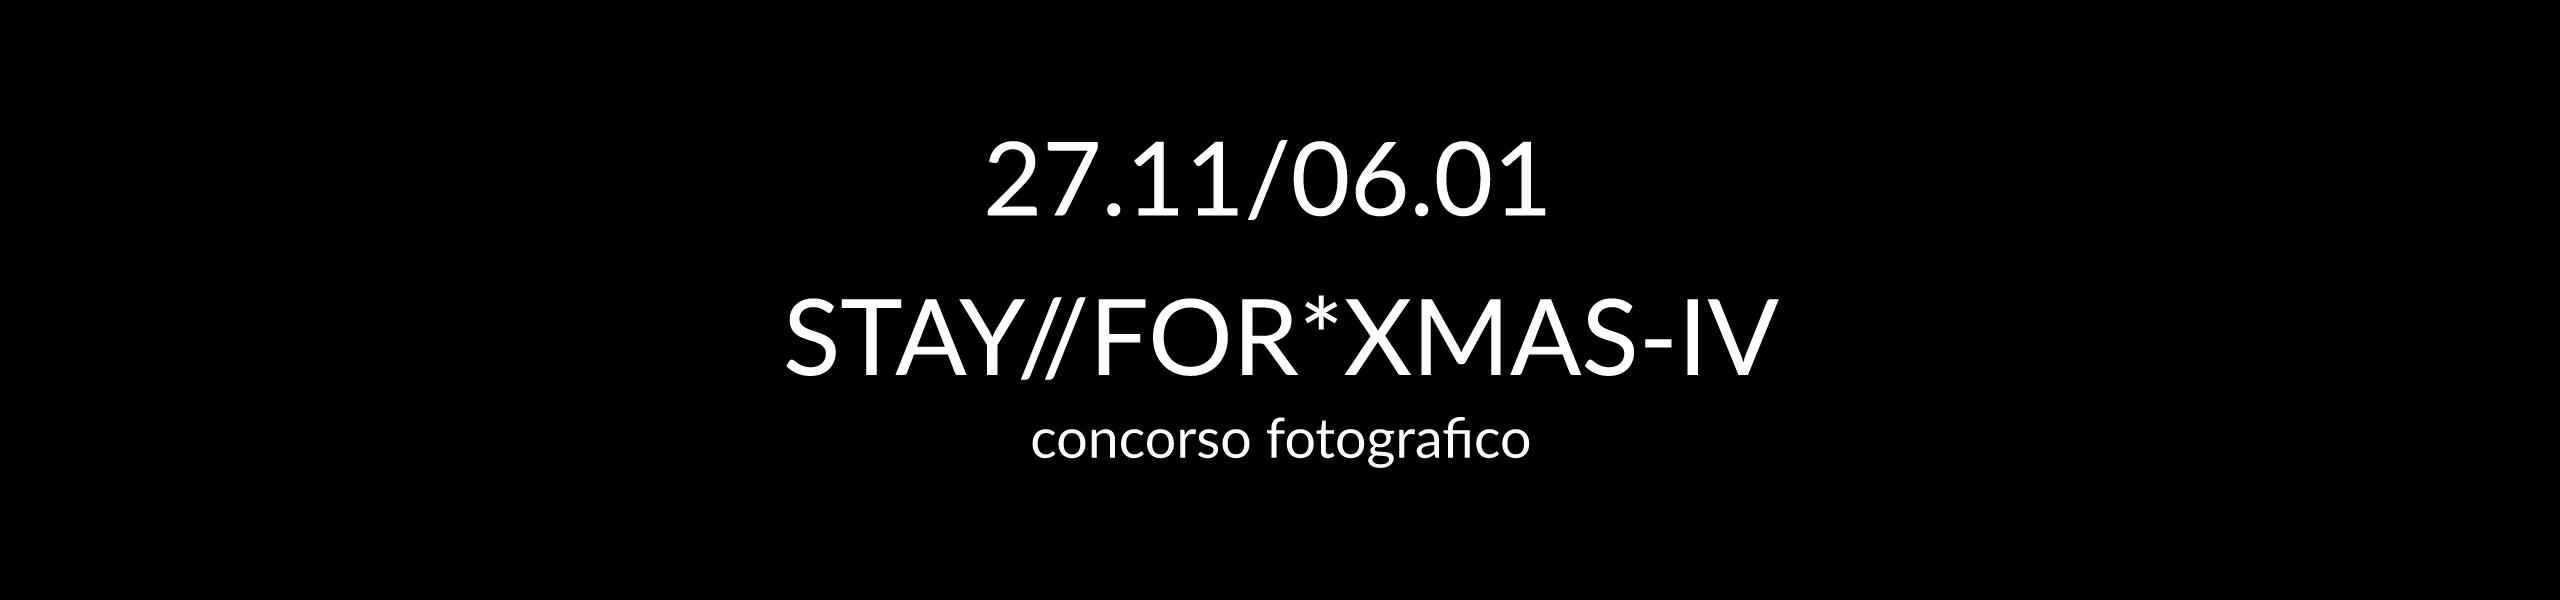 stayforxmas-4